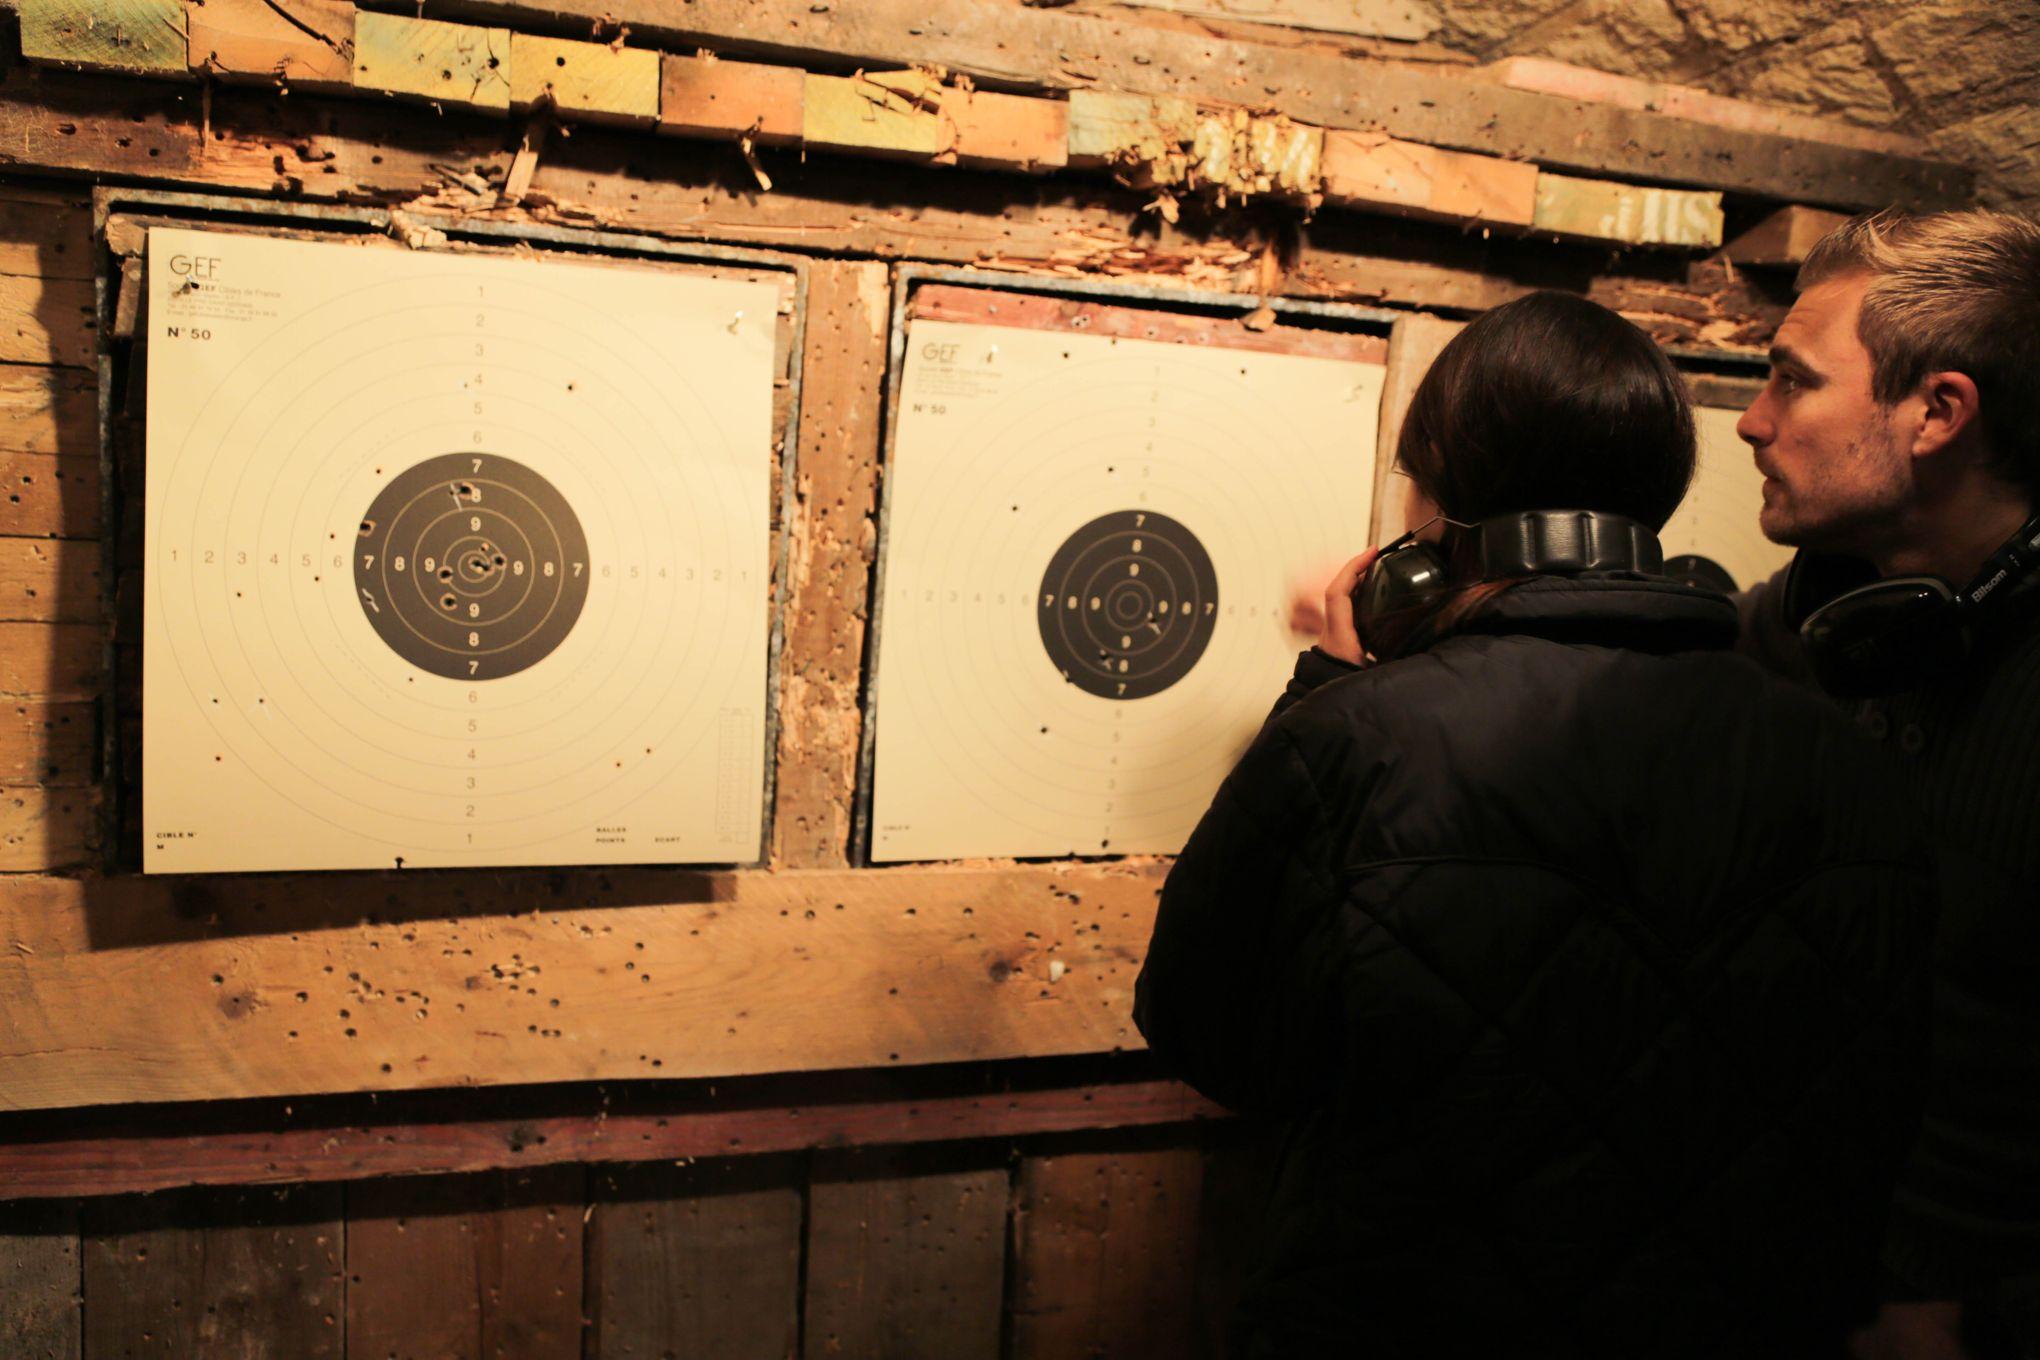 carabine de chasse kalachnikov